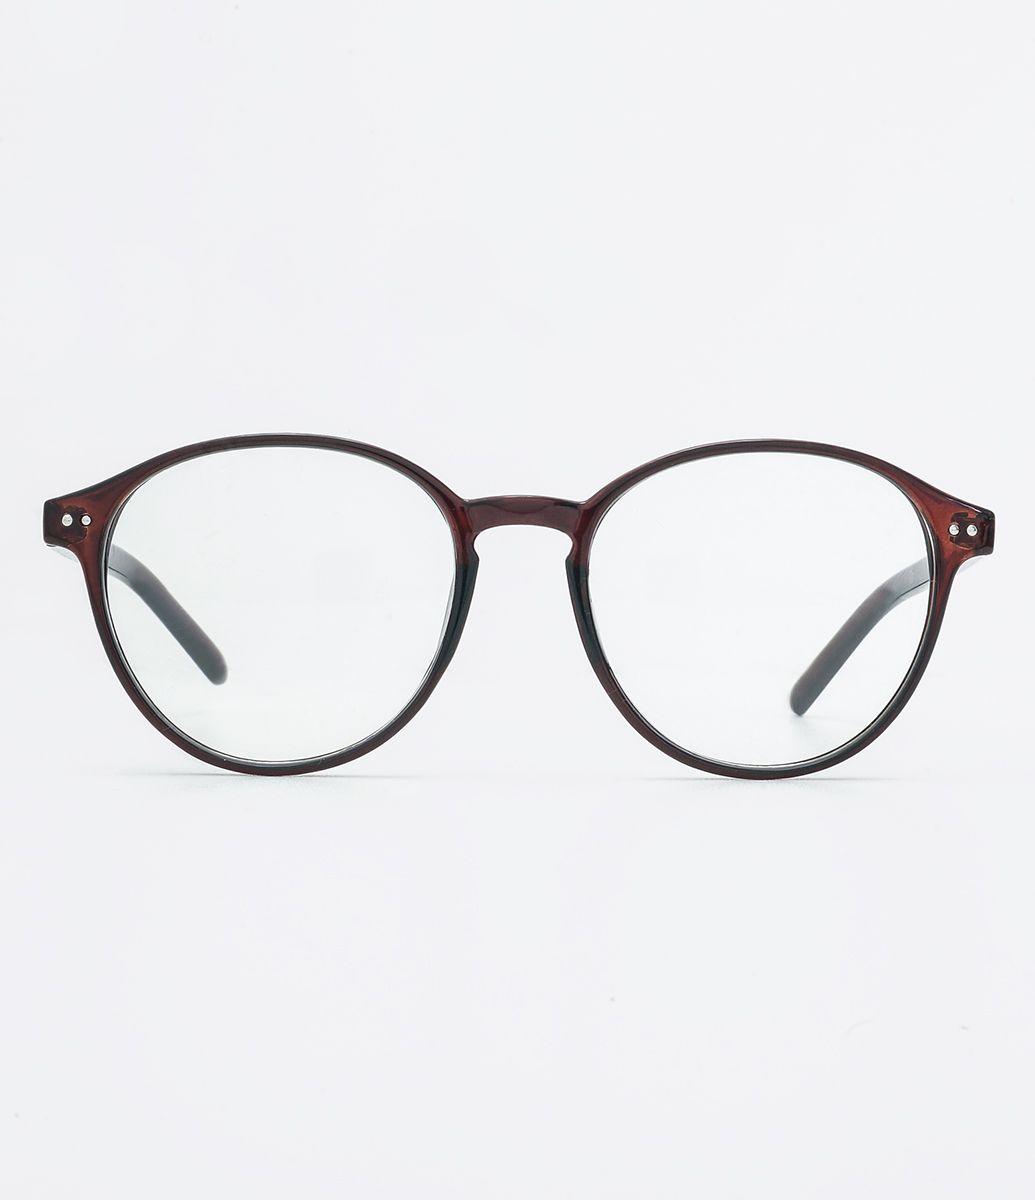 Armacao De Oculos Modelo Redondo Hastes Em Acetato Nao Acompanha